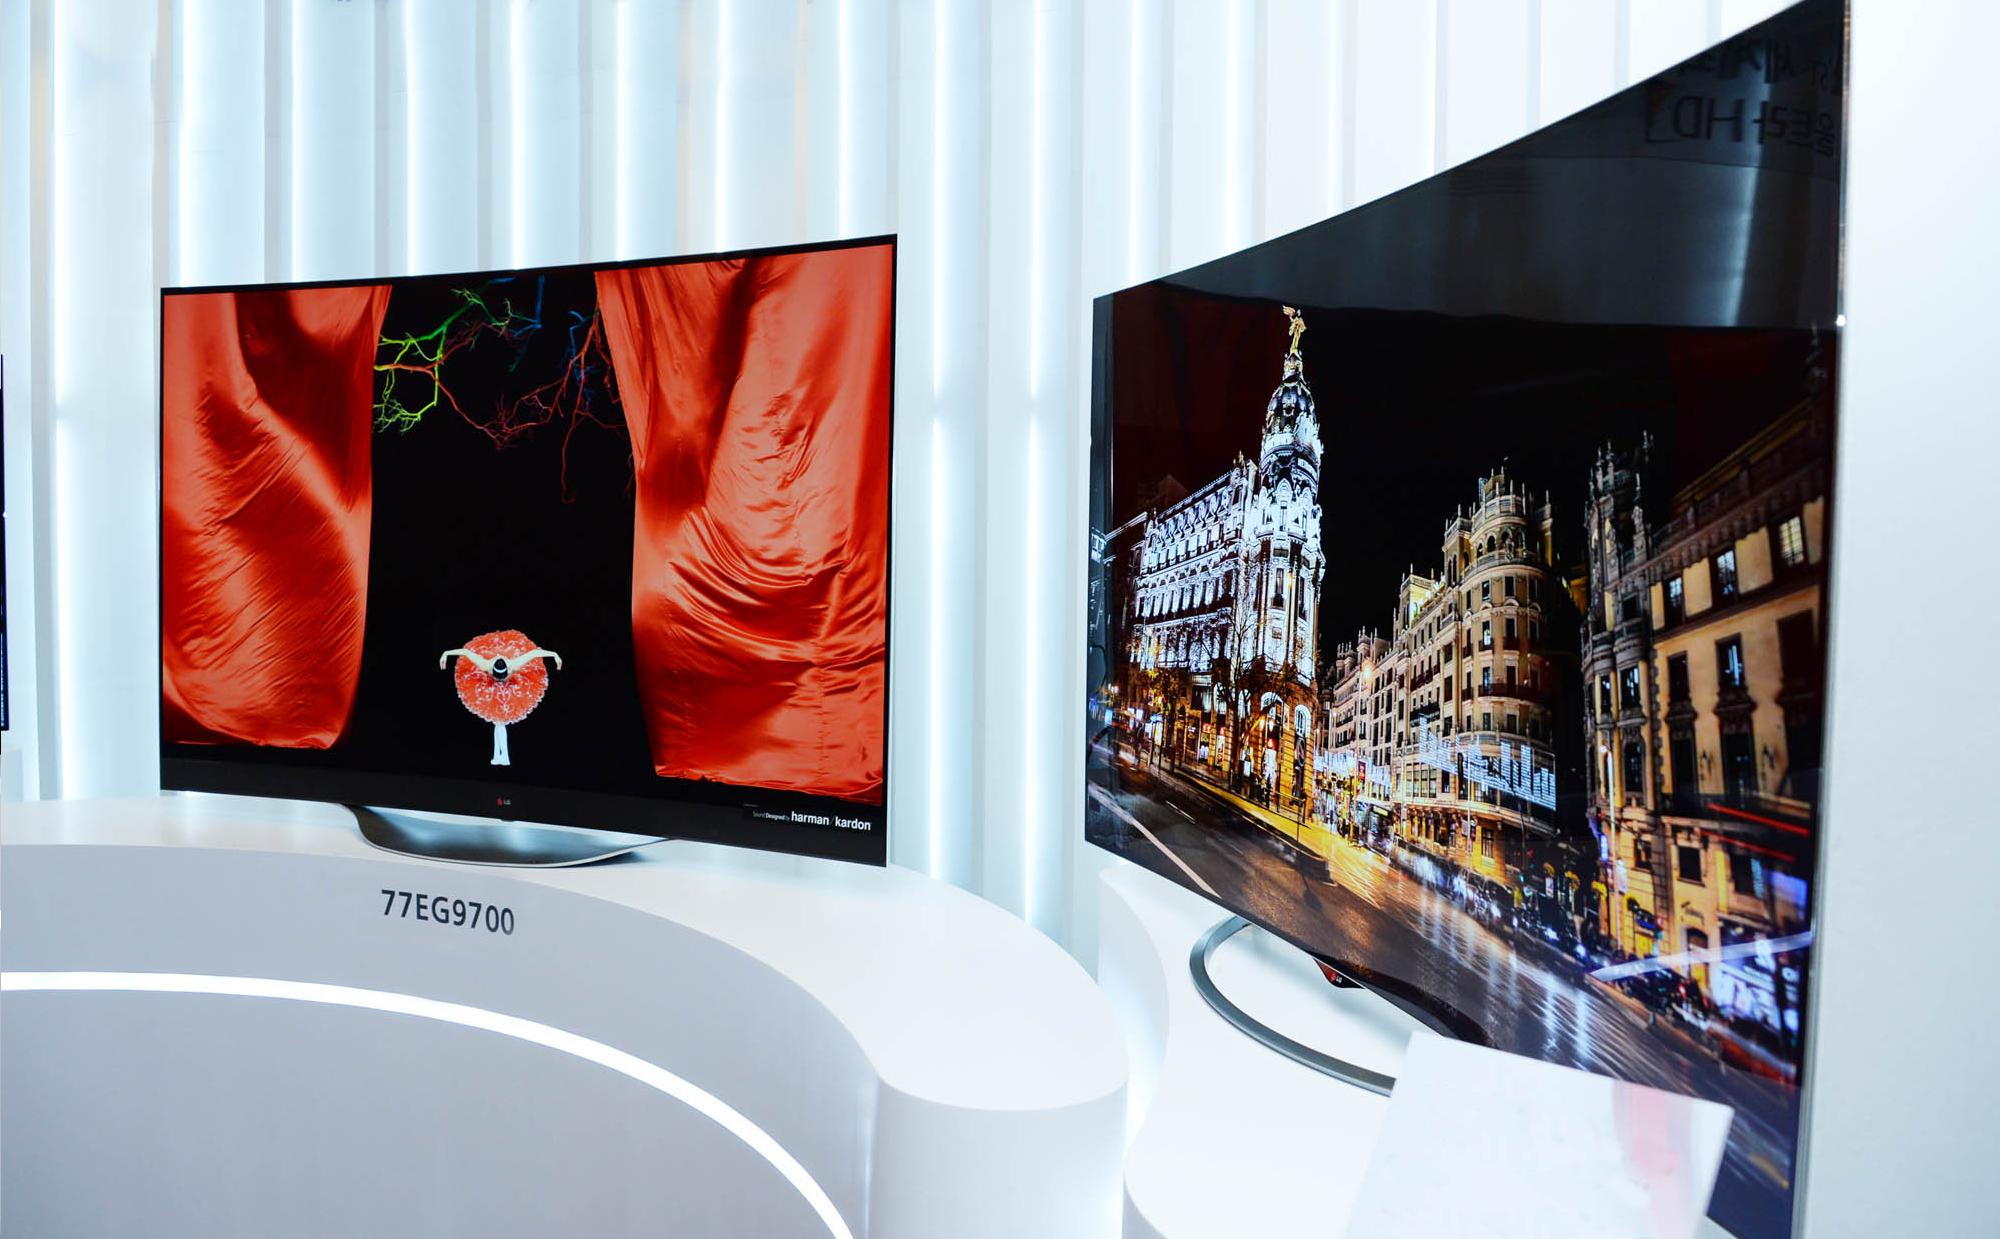 lg first to commercialize 4k oled tv lg newsroom. Black Bedroom Furniture Sets. Home Design Ideas